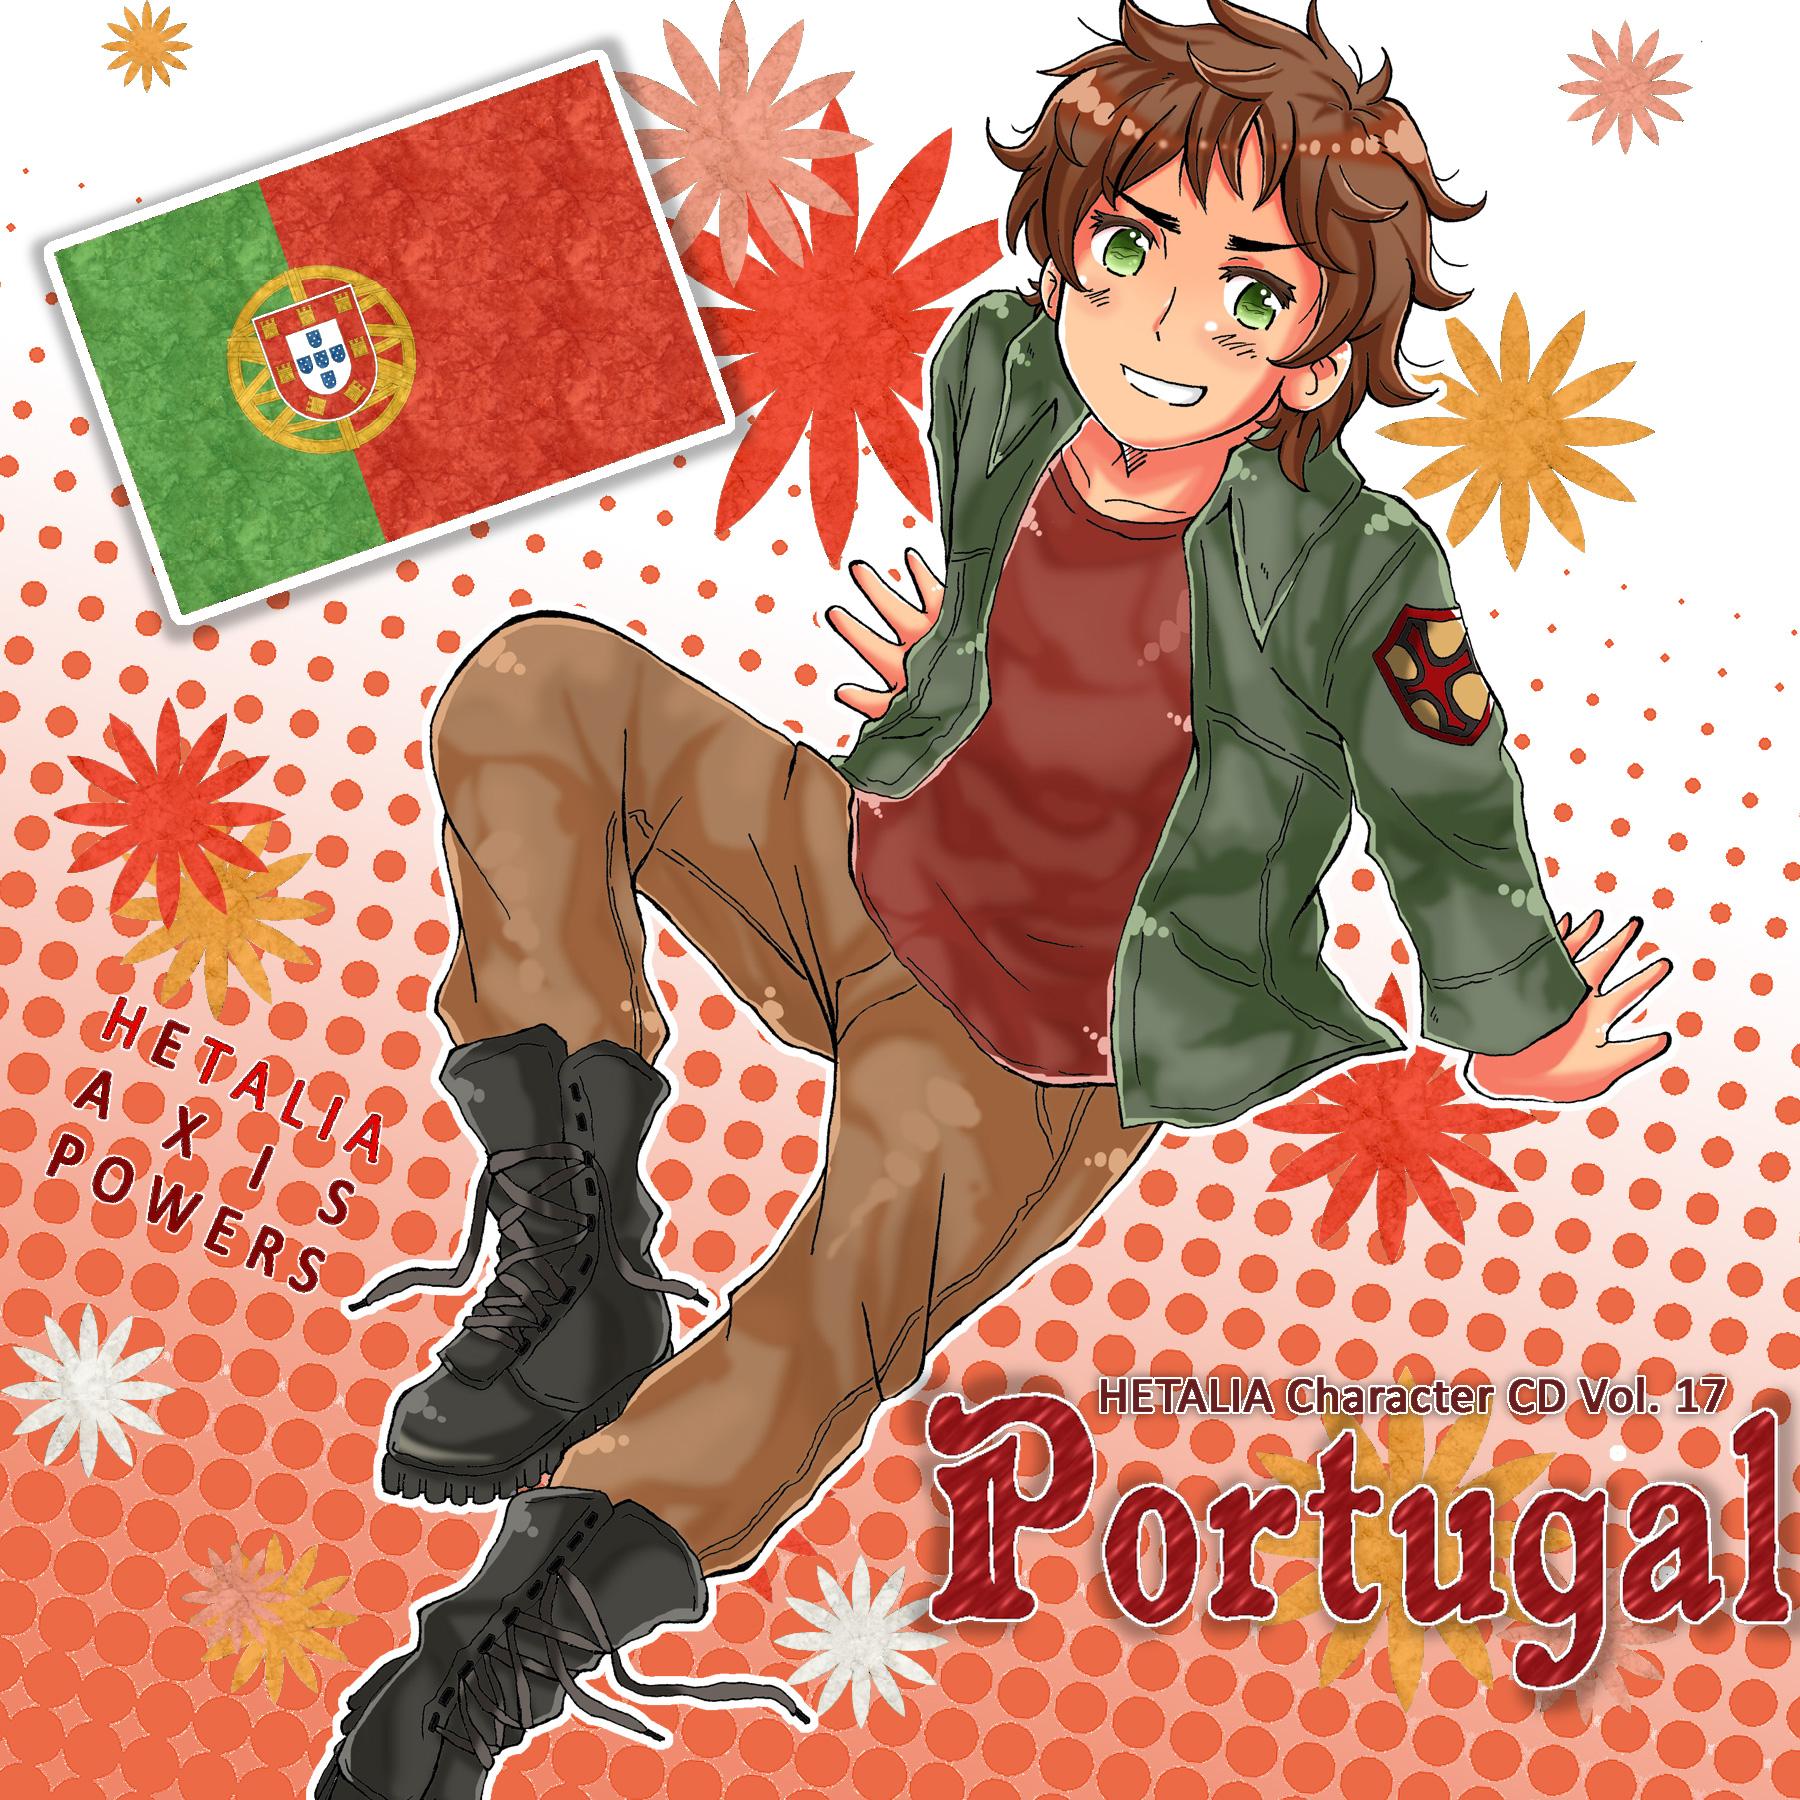 Portugal Hetalia Fan Characters Wiki Fandom Powered By